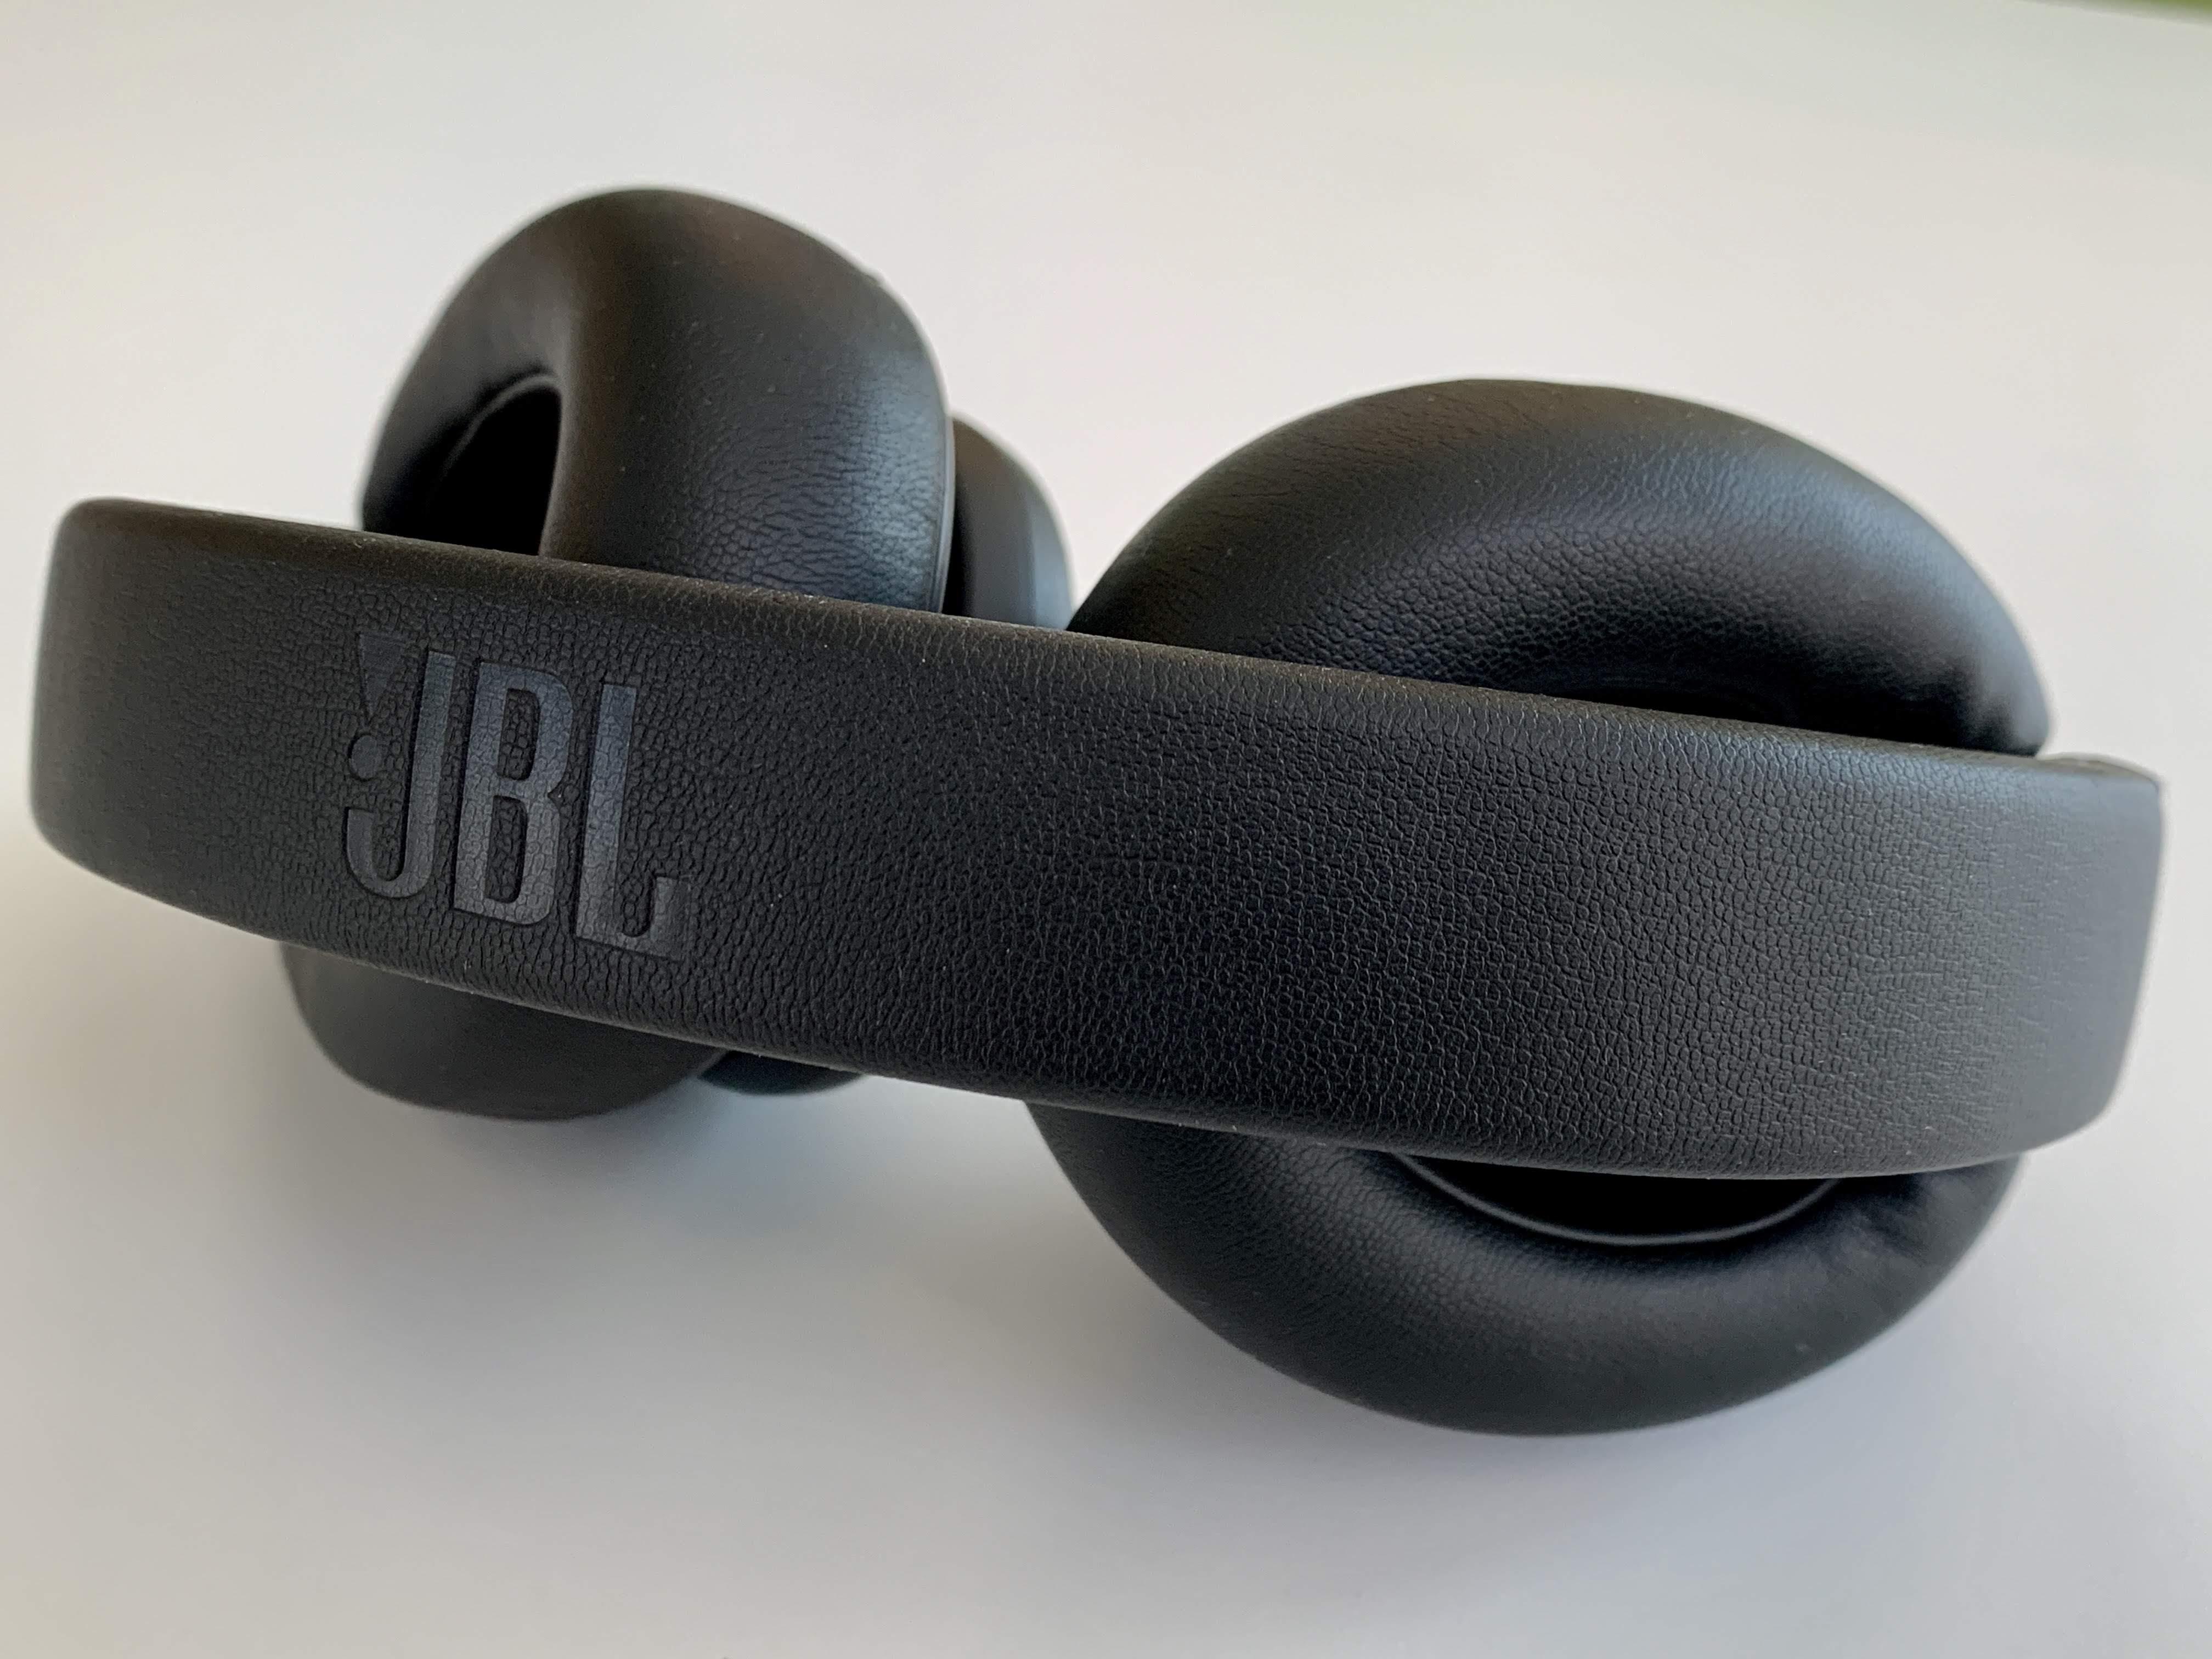 JBL Duet